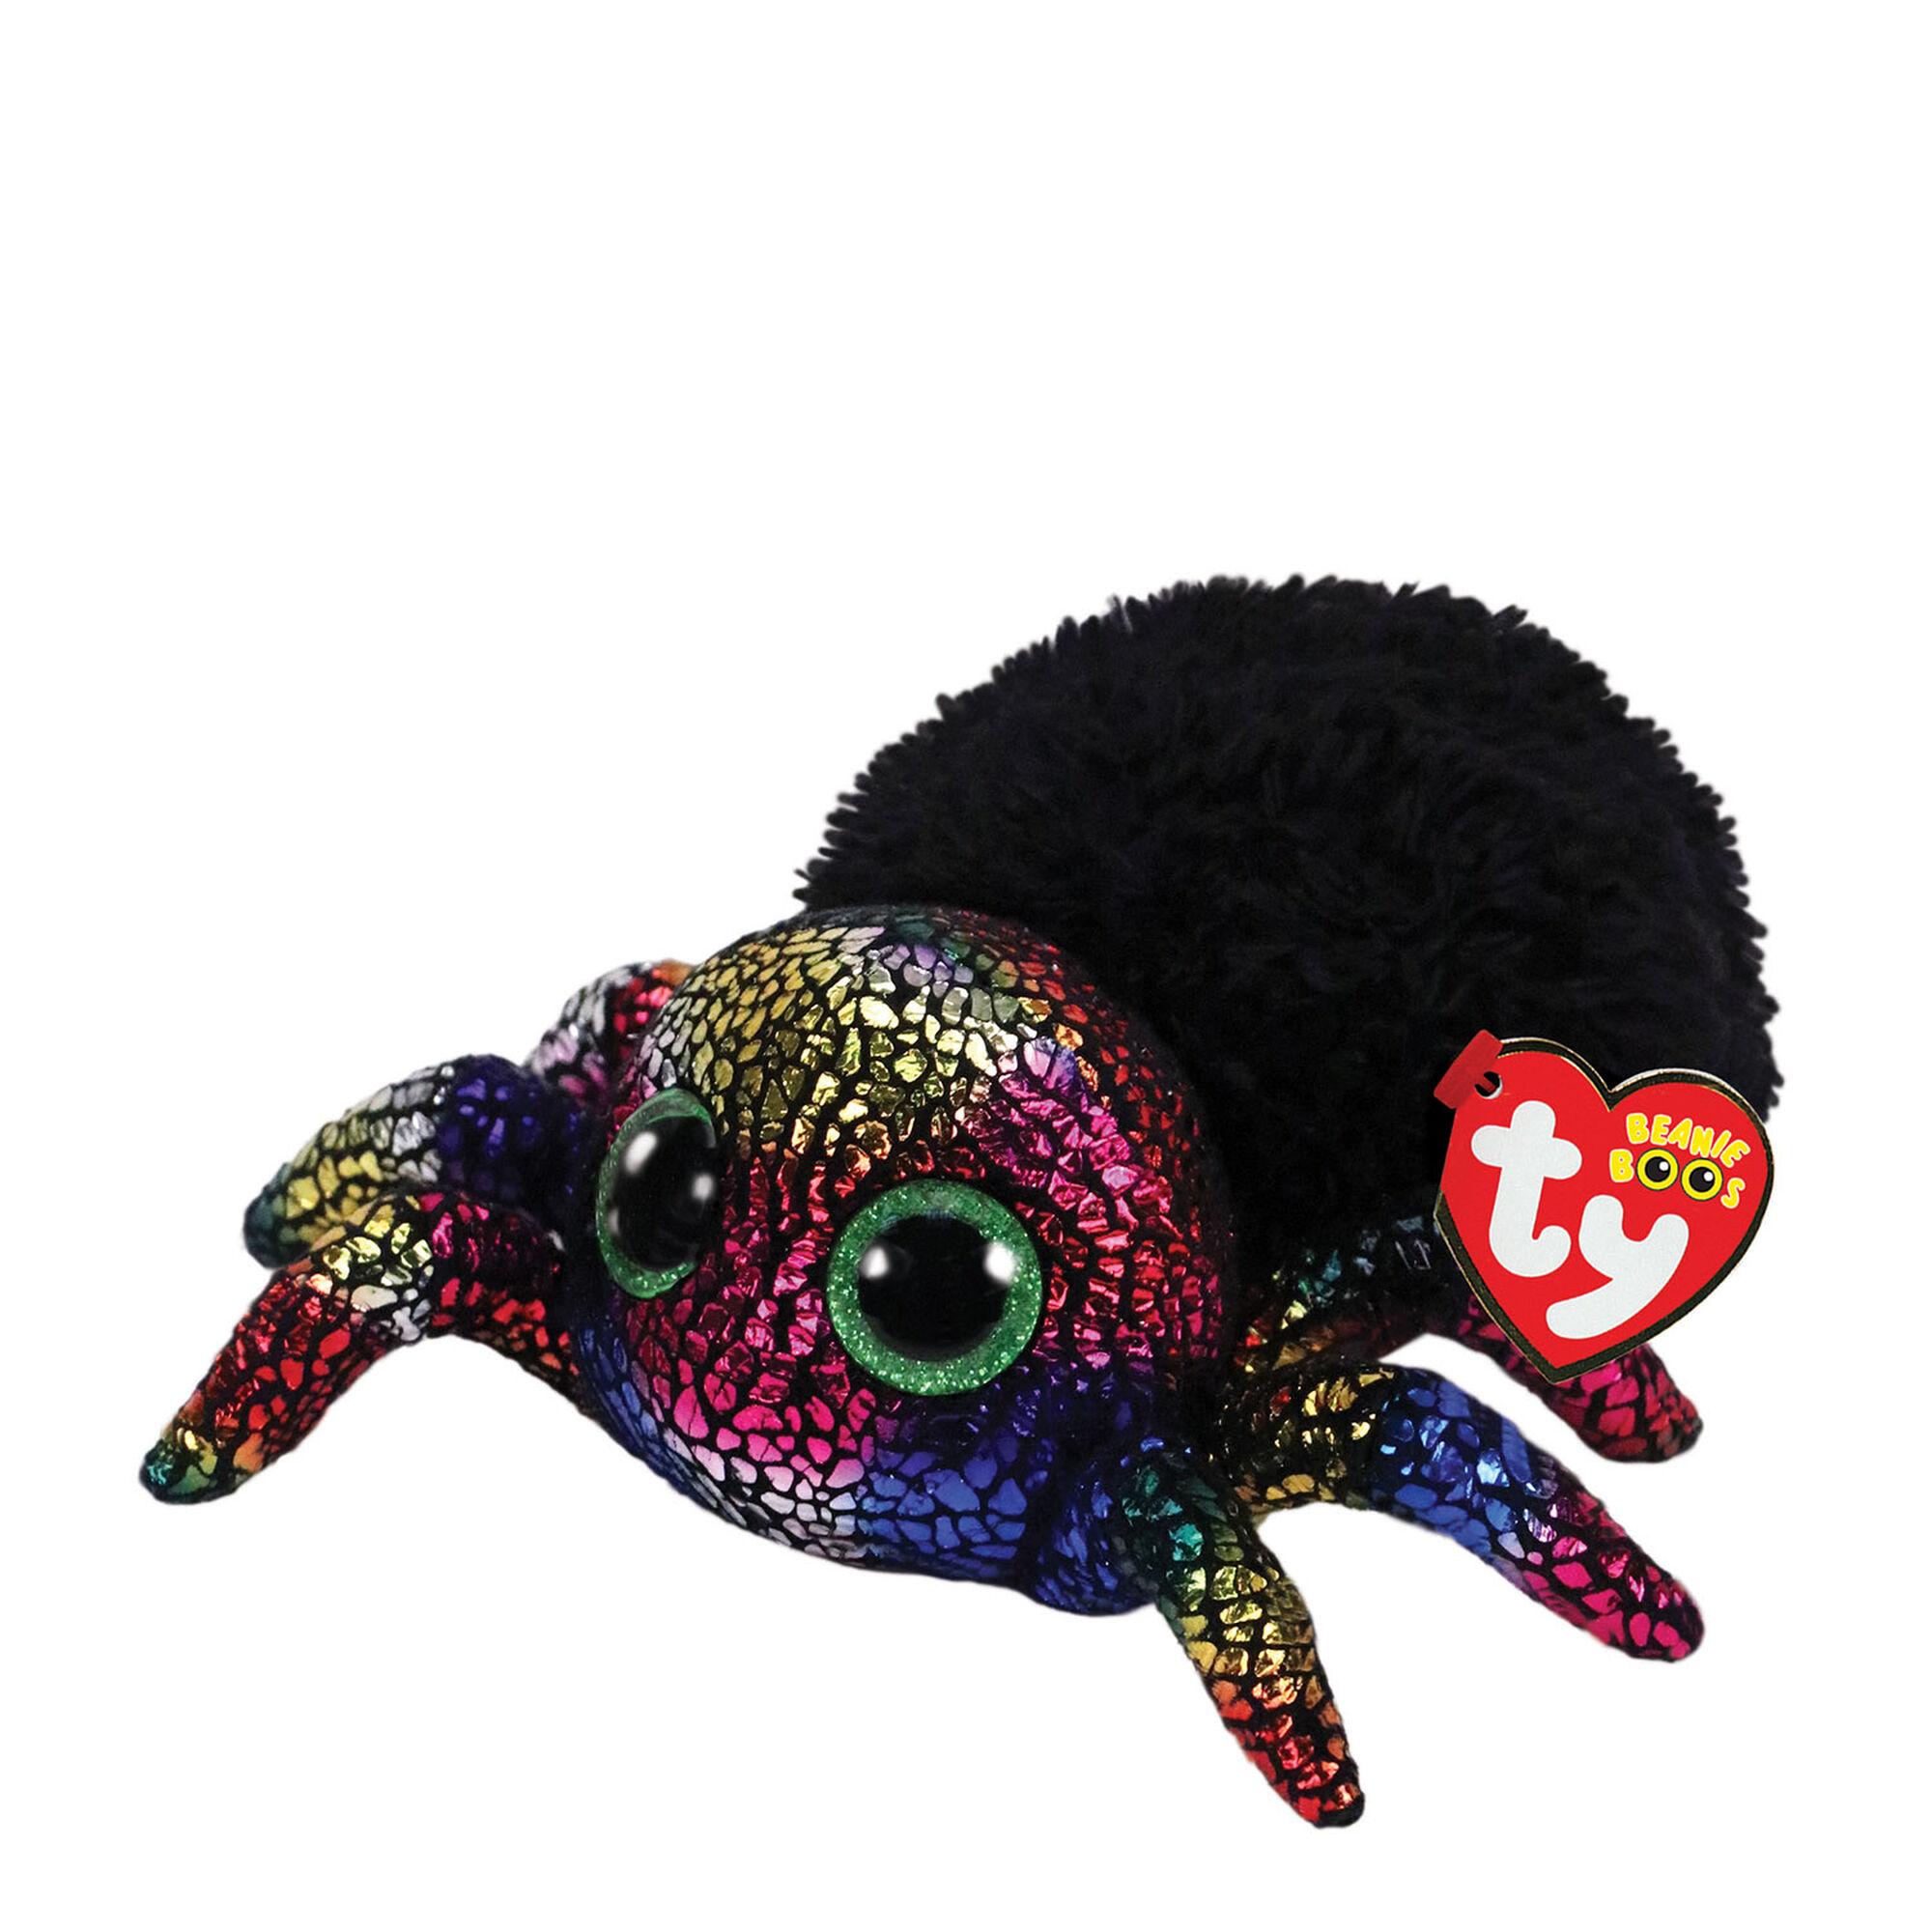 ... Ty Beanie Boo Small Leggz the Spider Soft Toy ac76b088af5b